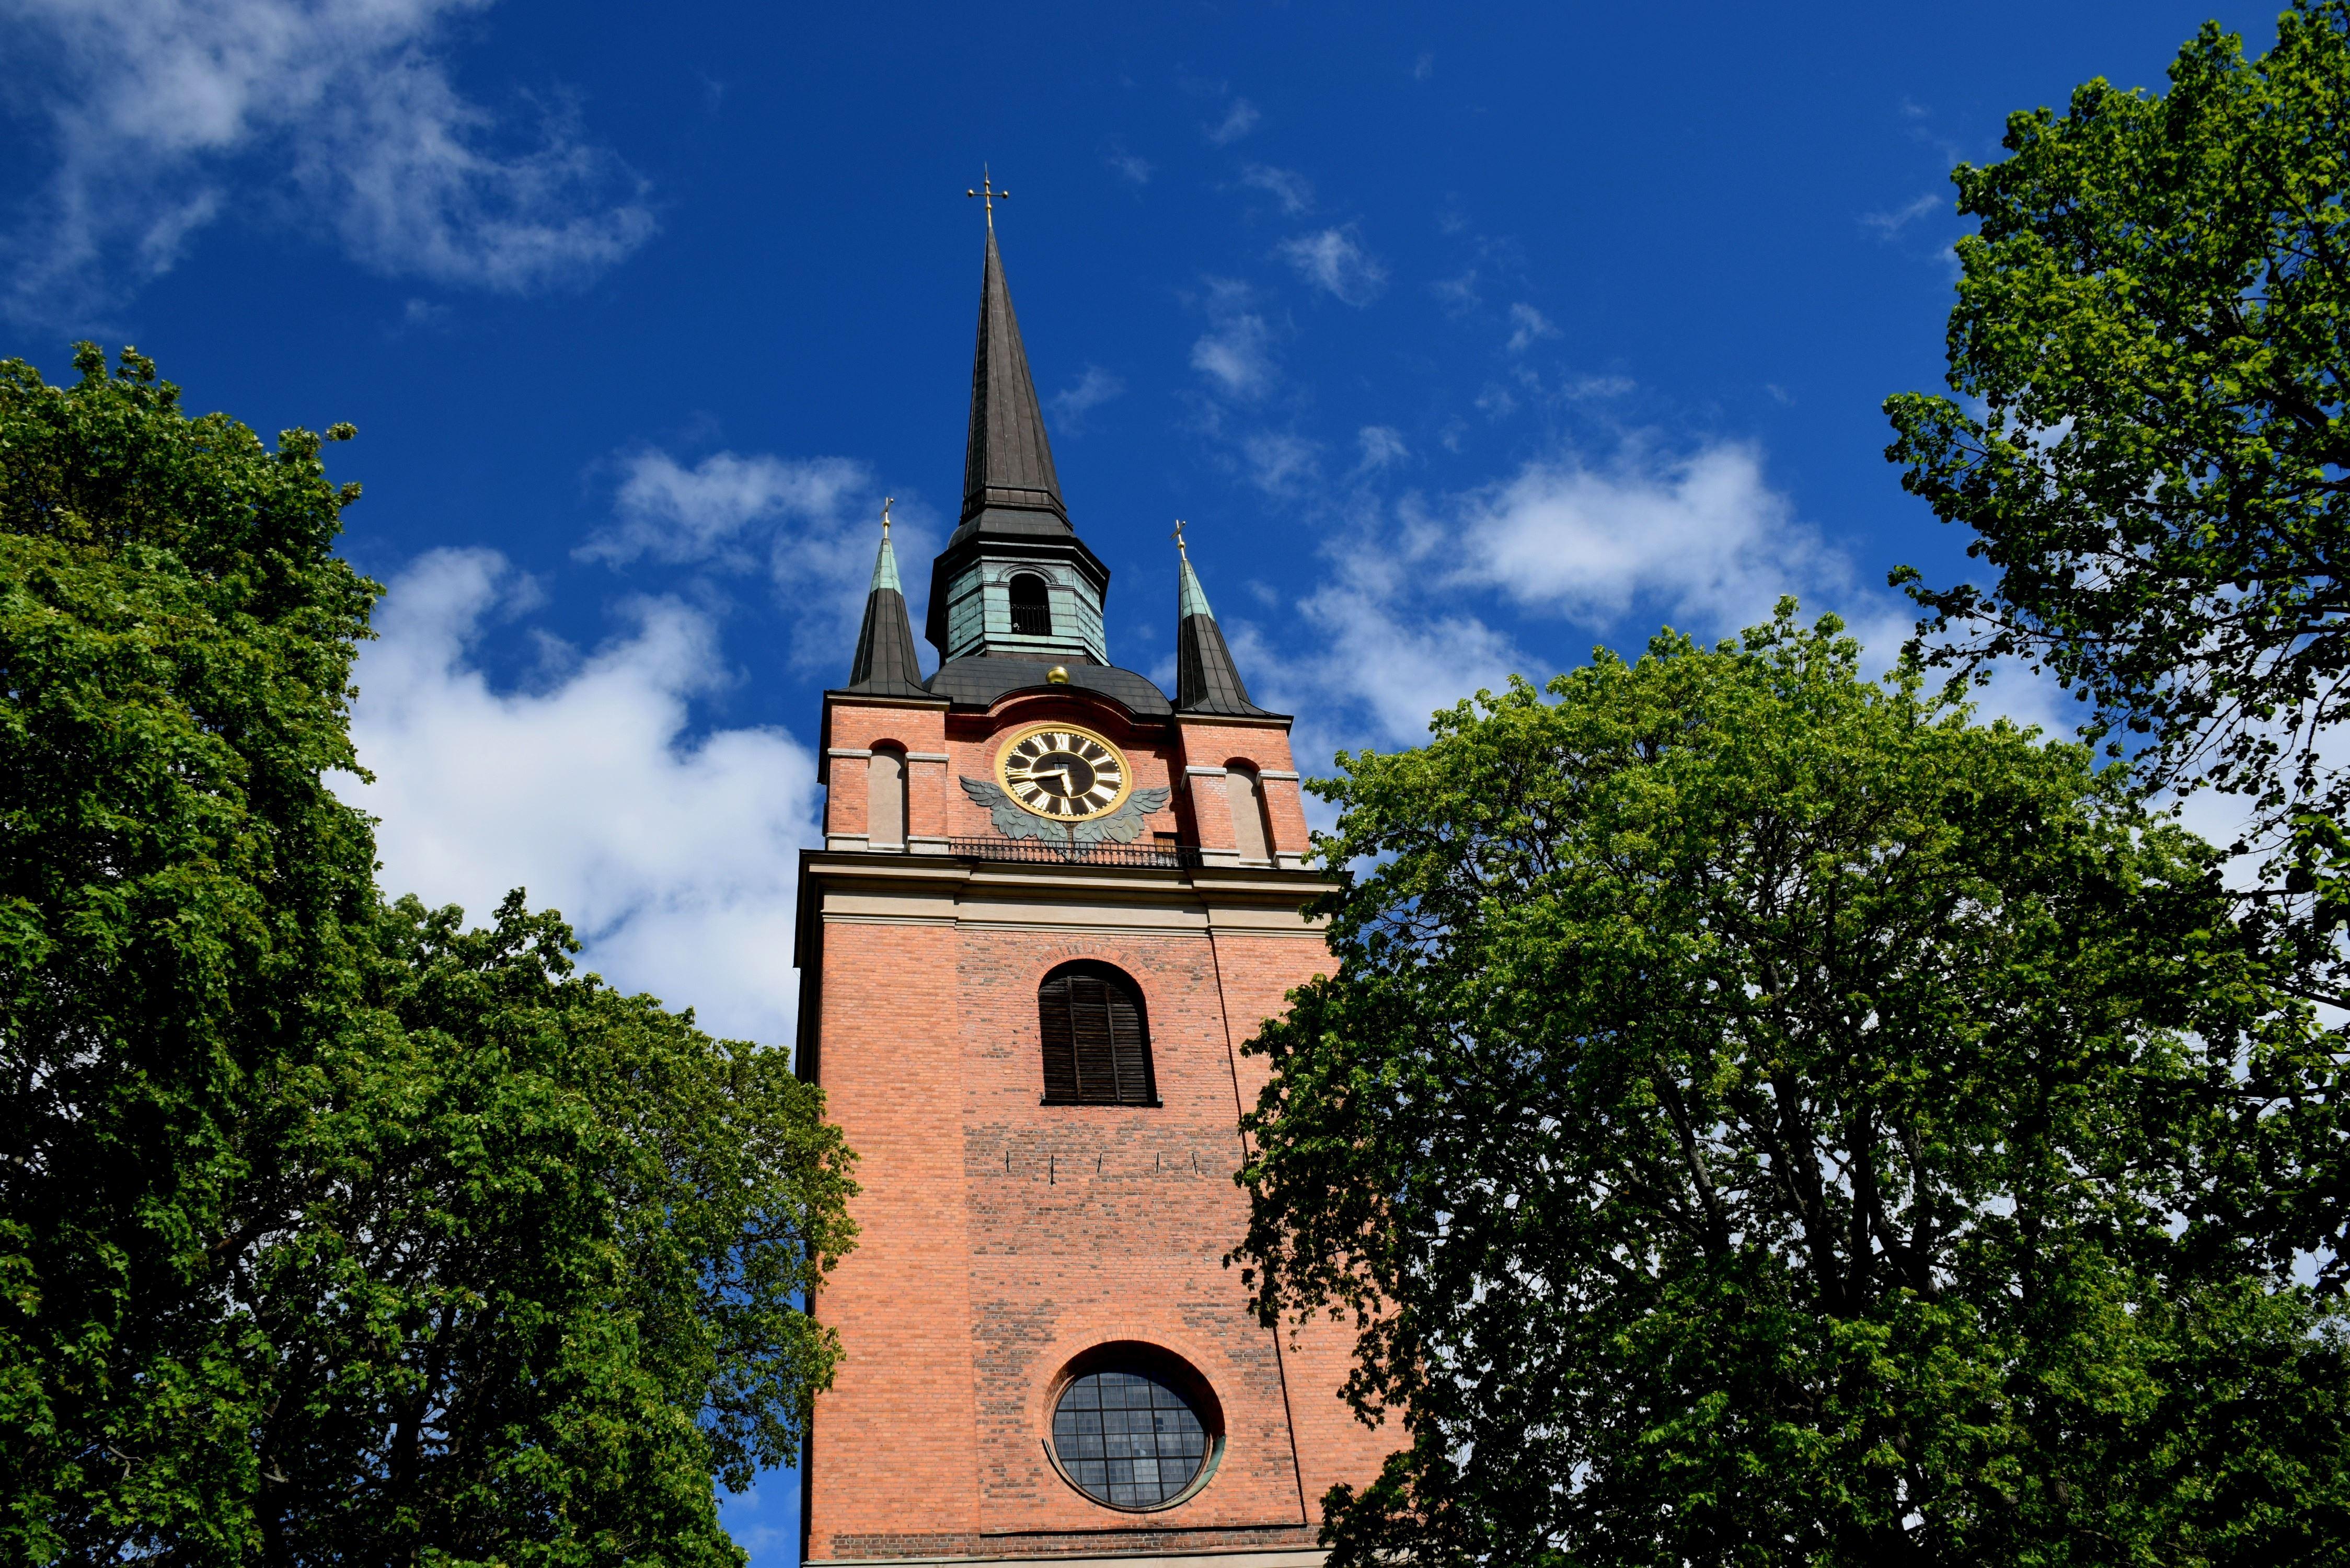 Stora Kopparbergs Church